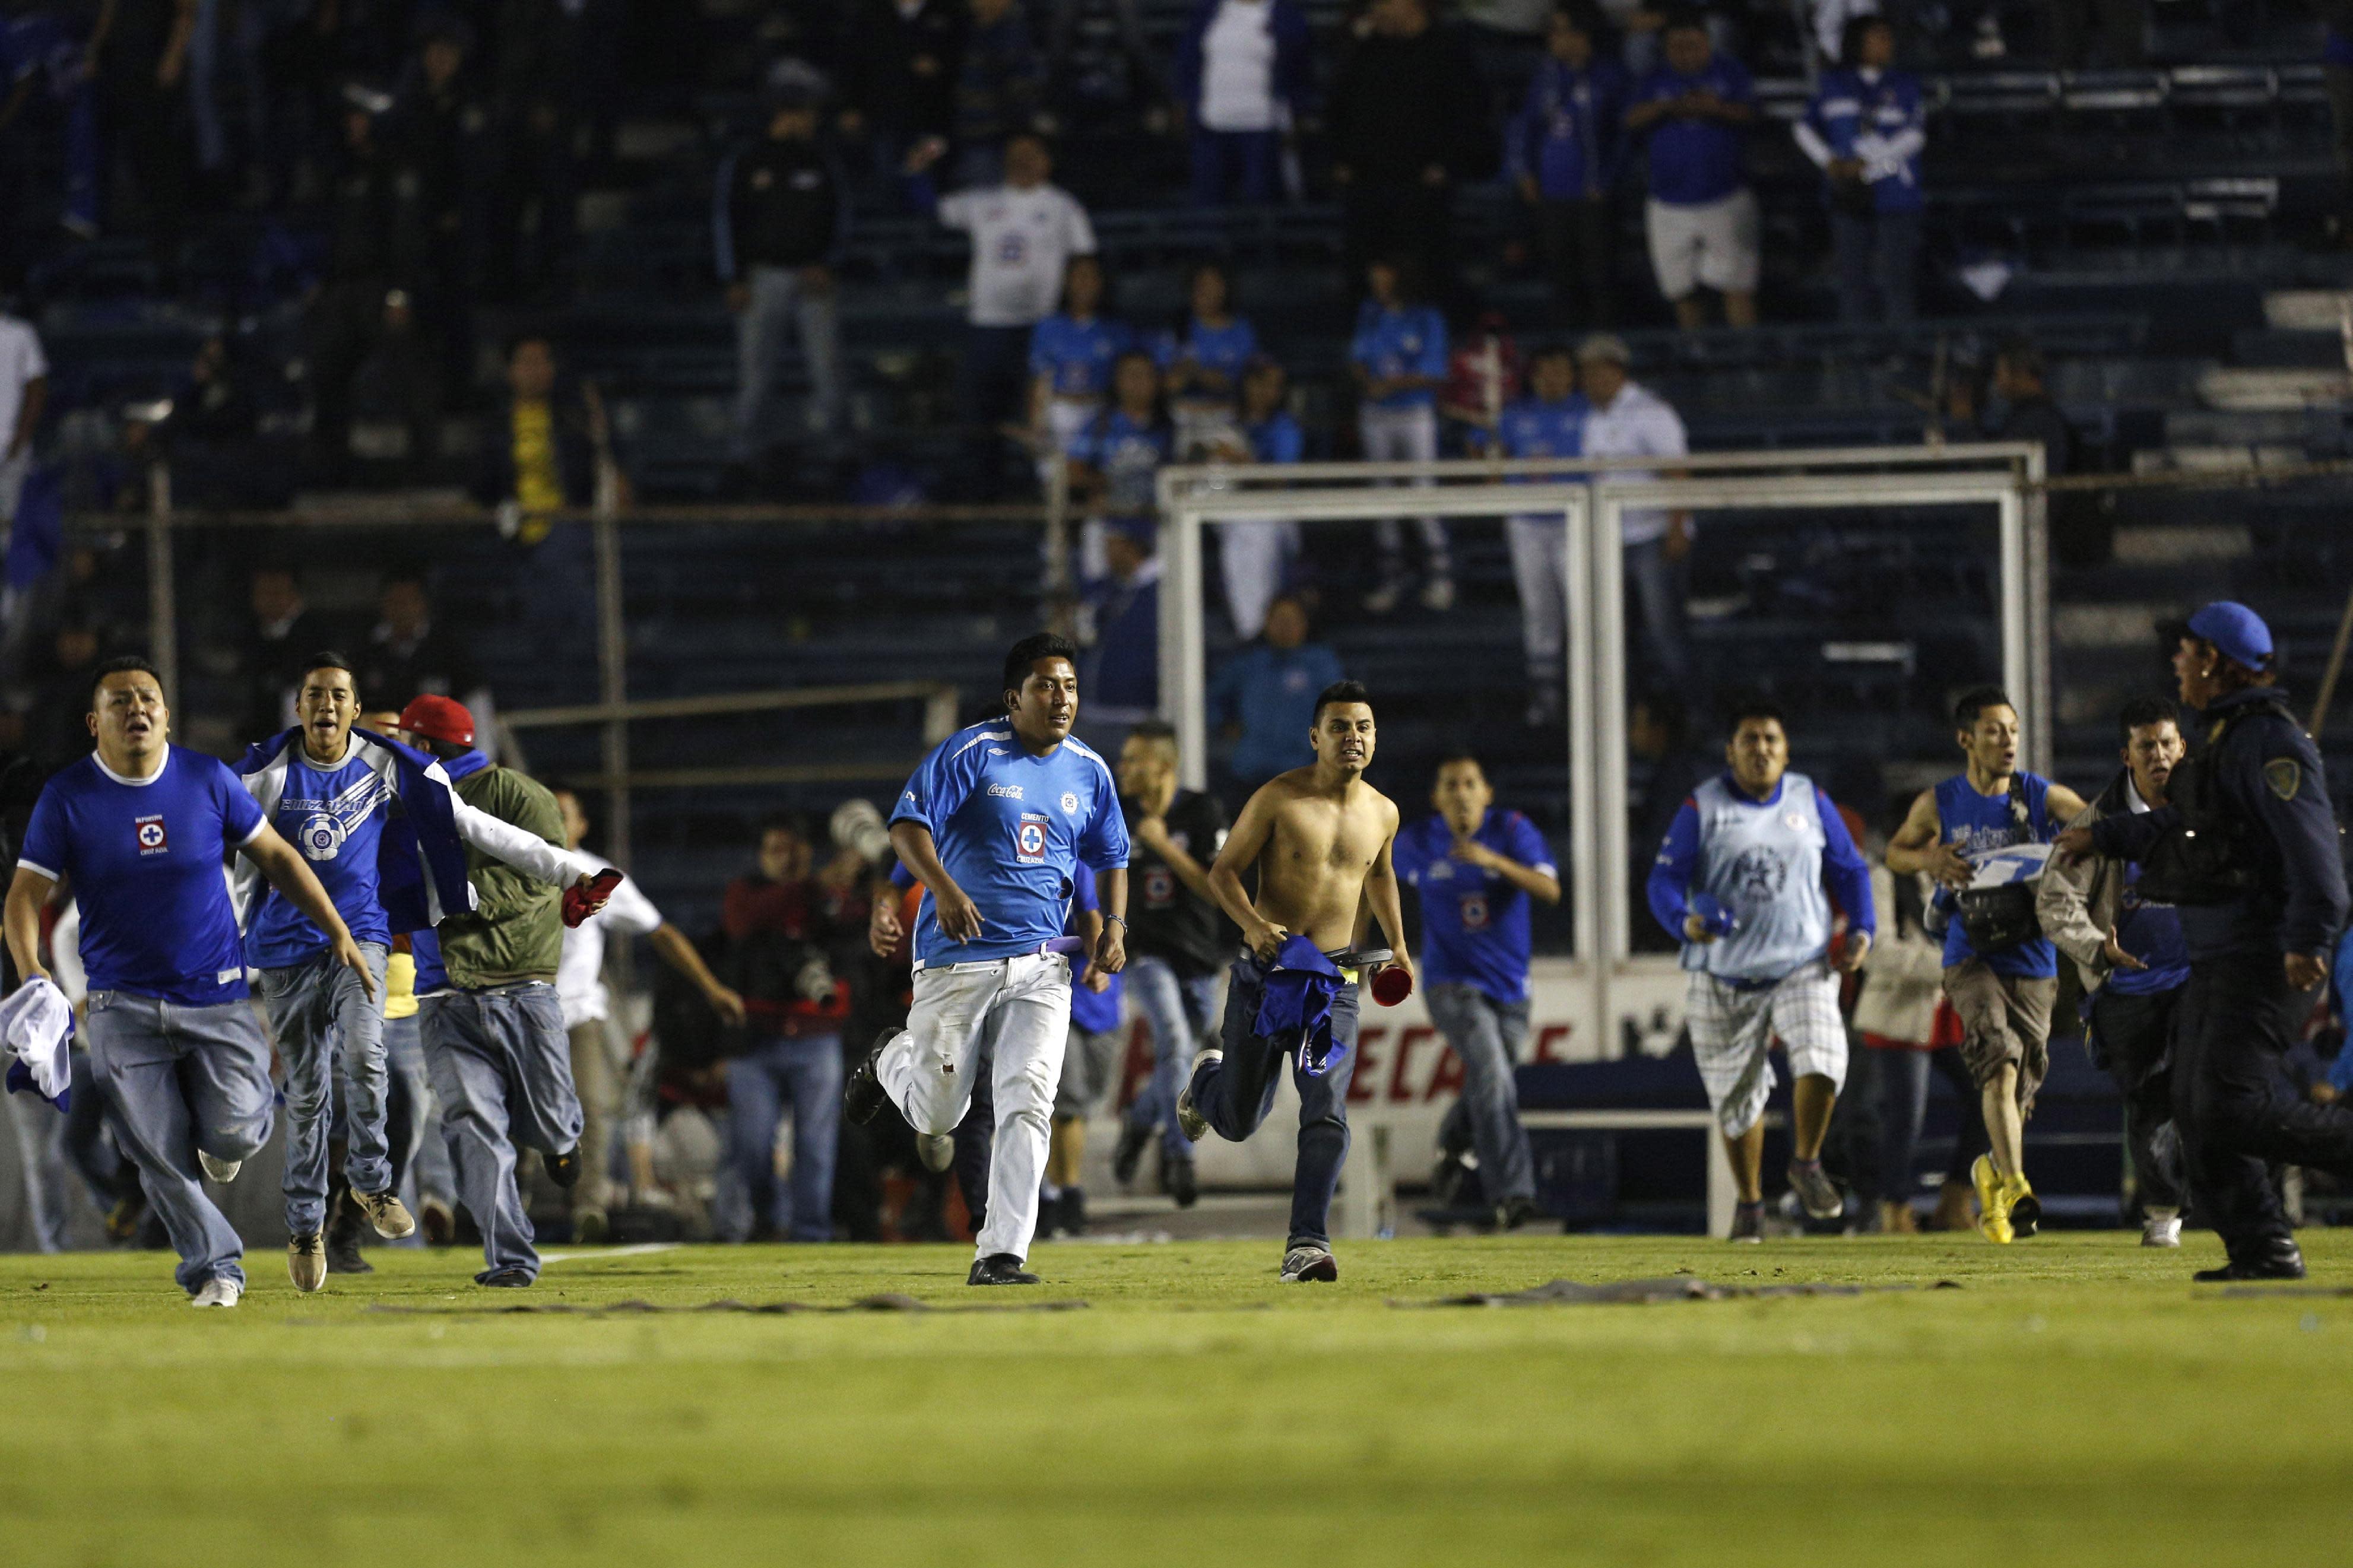 Un grupo de aficionados del Cruz Azul invade la cancha al final del encuentro en que su equipo fue eliminado por el Toluca en los cuartos de final del Apertura mexicano, el sábado 30 de noviembre de 2013 (AP Photo/Moisés Castillo)